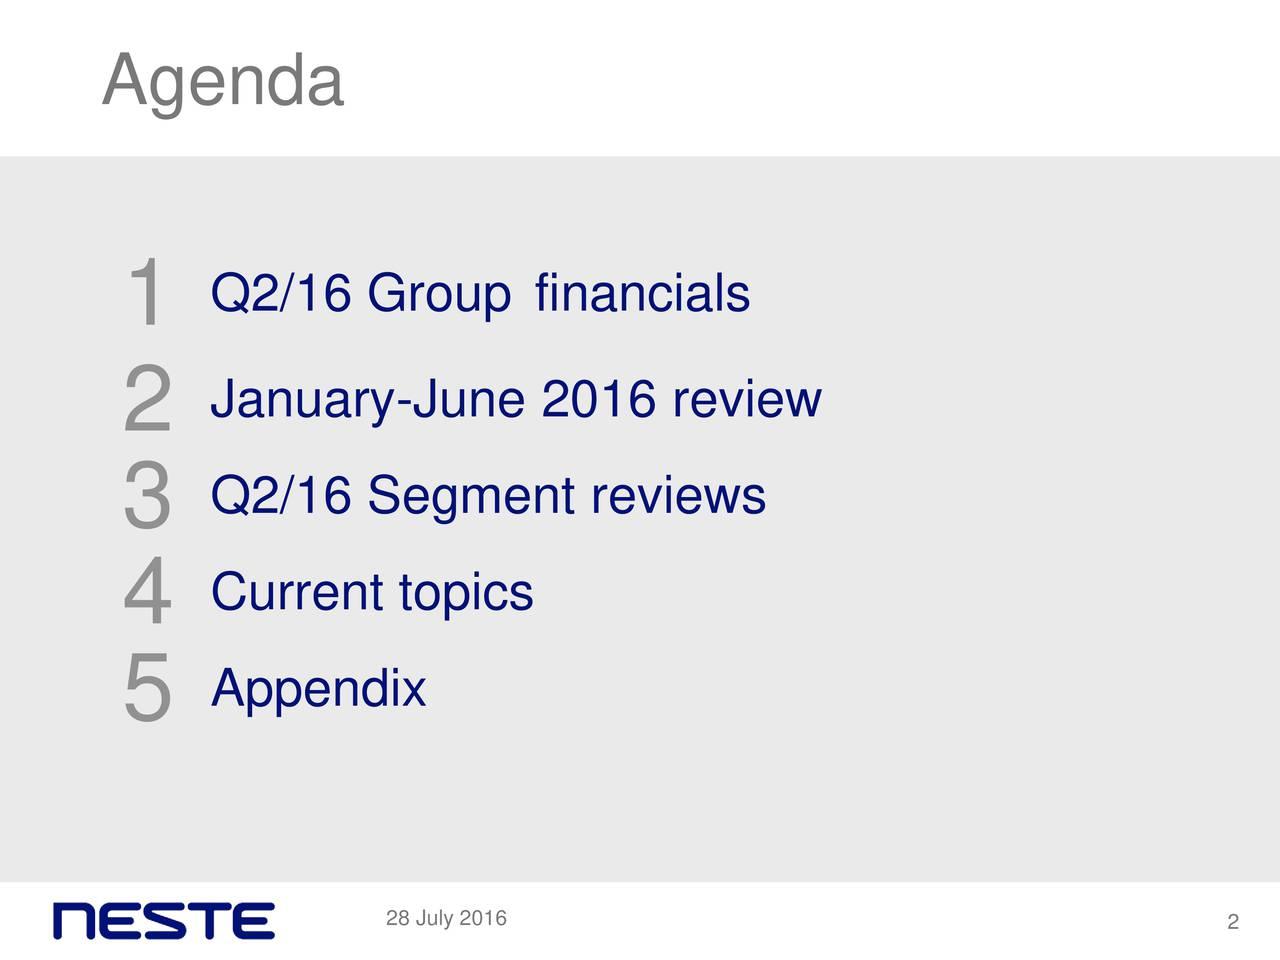 1 Q2/16 Group financials 2 January-June 2016 review 3 Q2/16 Segment reviews 4 Current topics 5 Appendix 28 July 2016